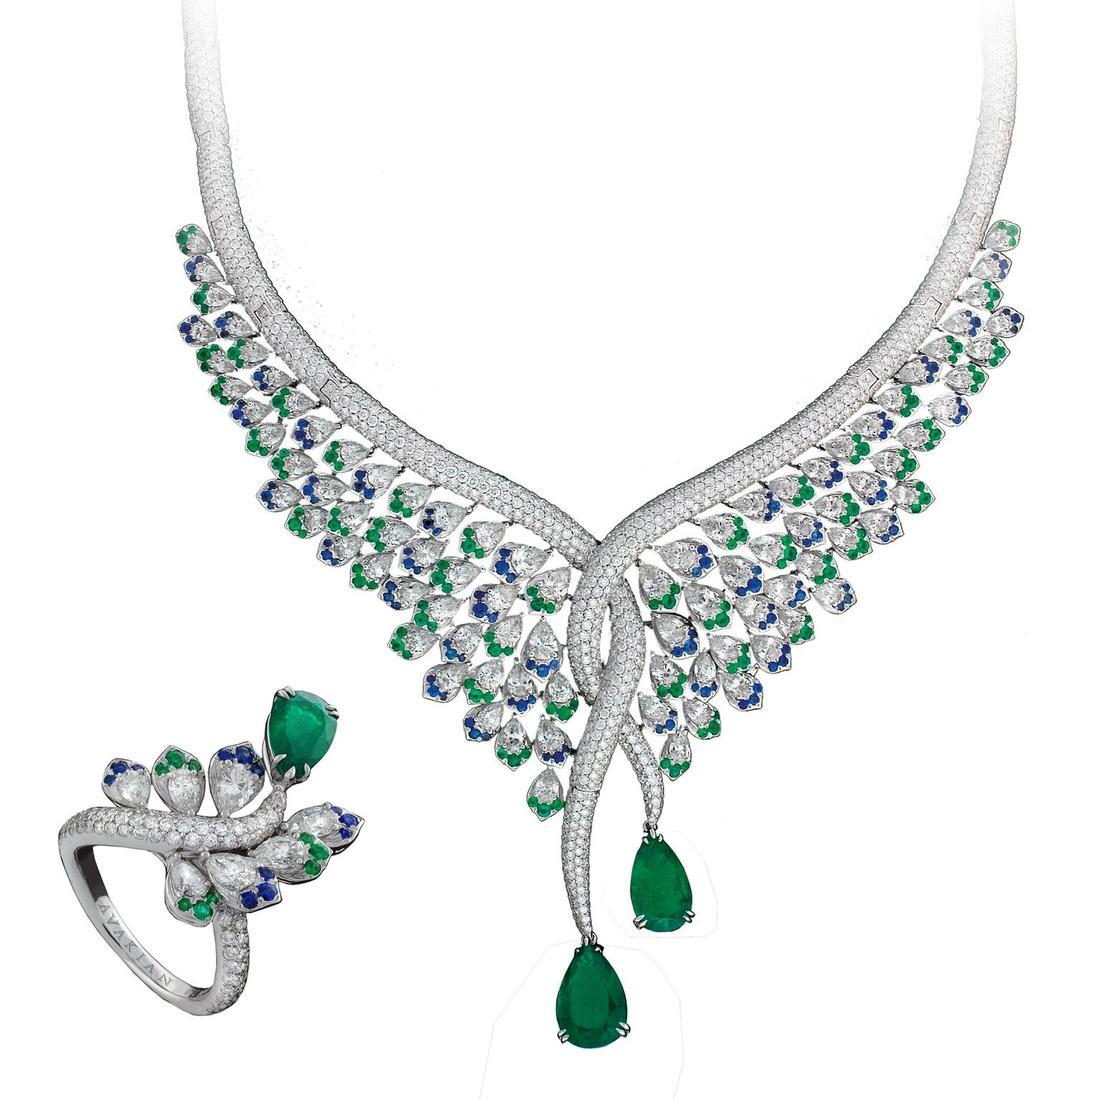 مجوهرات العروس المرصعة بالزمرد عليك اكتشافها